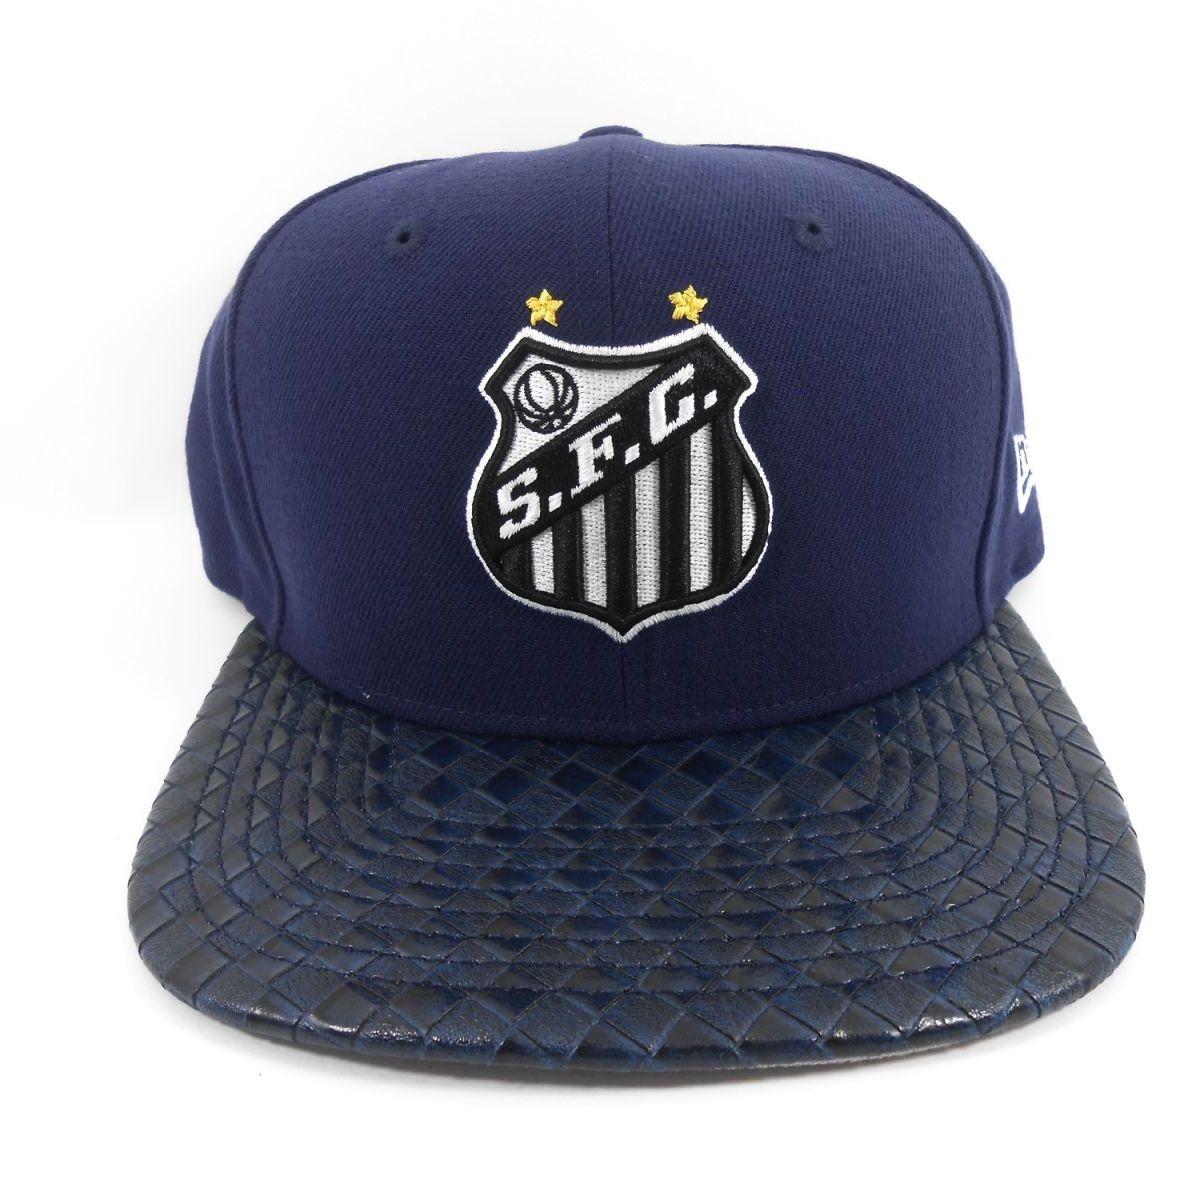 Boné New Era 950 Santos Futebol Clube Simbolo Sublima Azul 28574704 ... b84f6b6c012ff